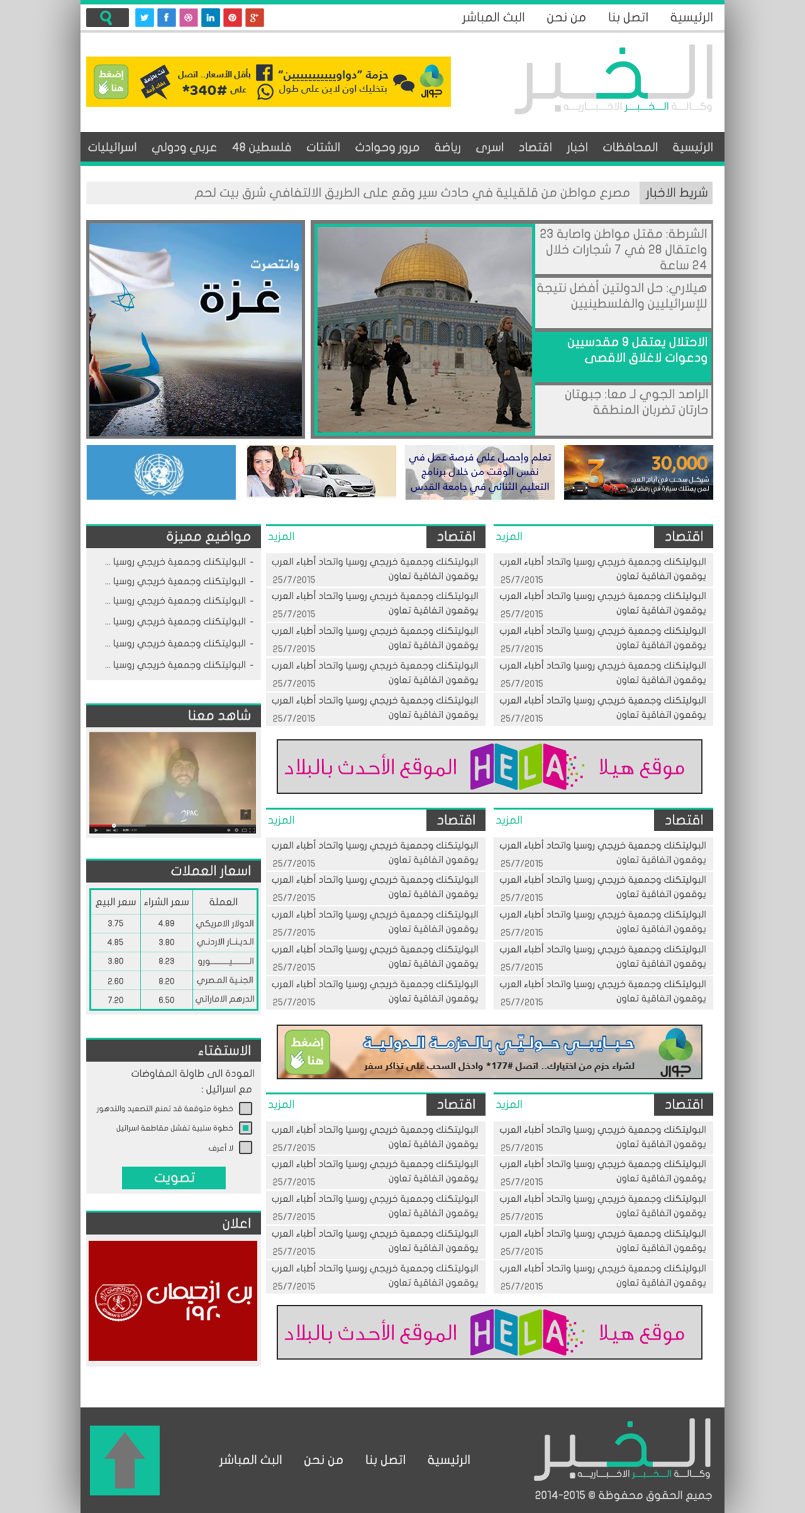 الموقع